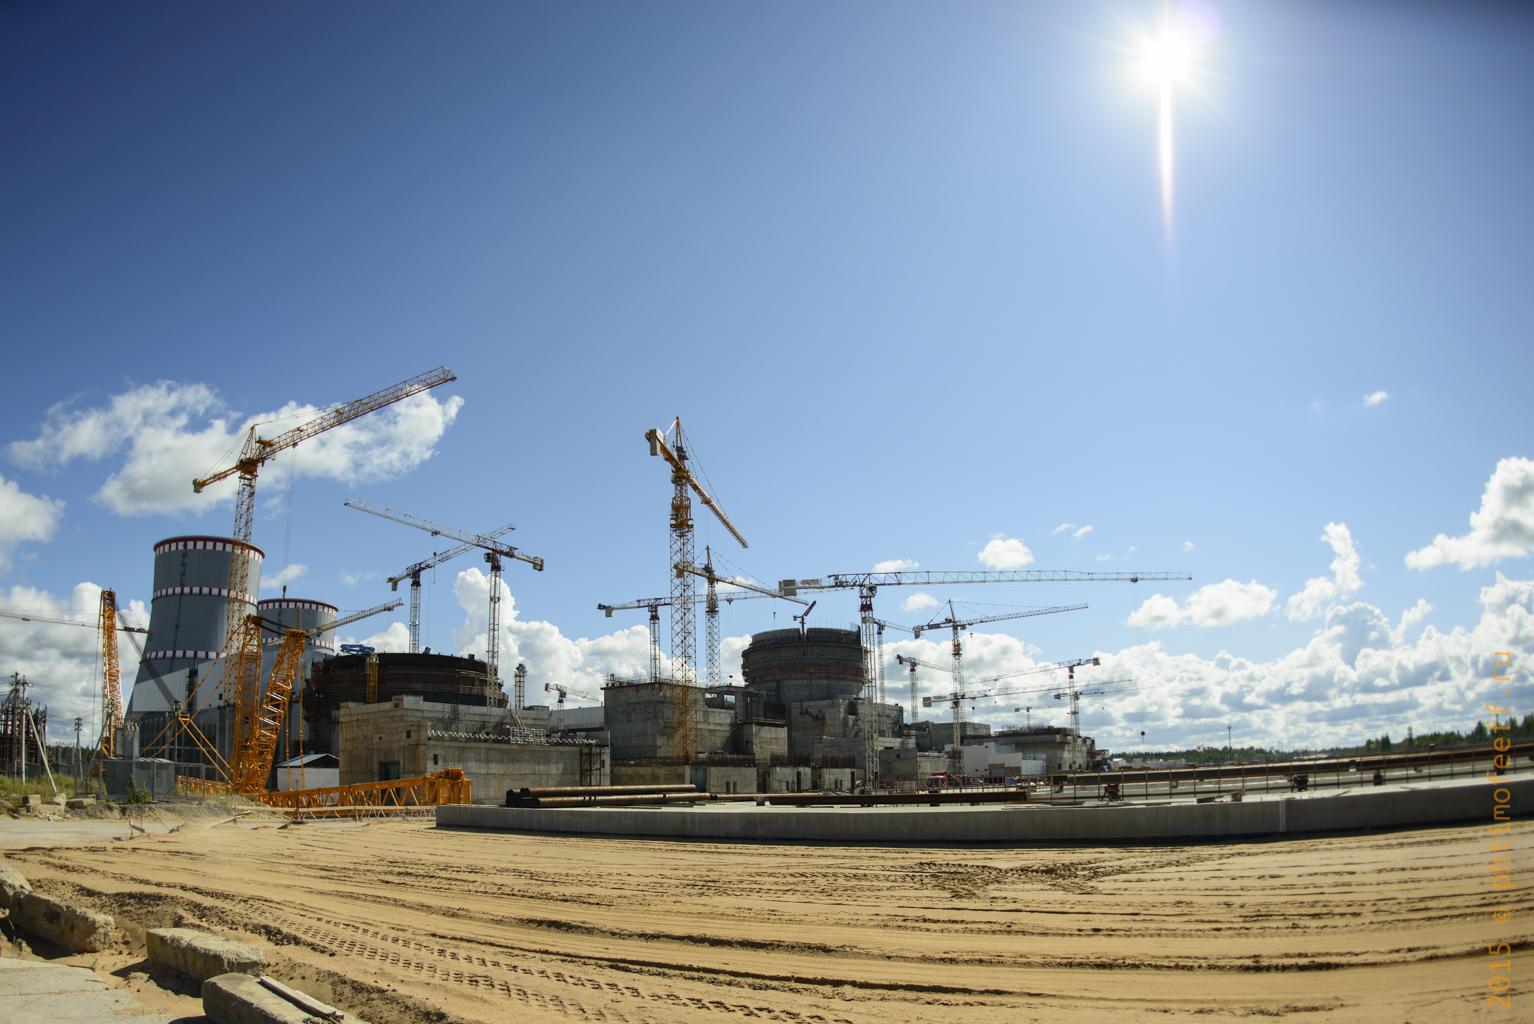 ЛАЭС1, стройплощадка ЛАЭС2, блогтур, лаэс, ленинградская область, сосновый бор